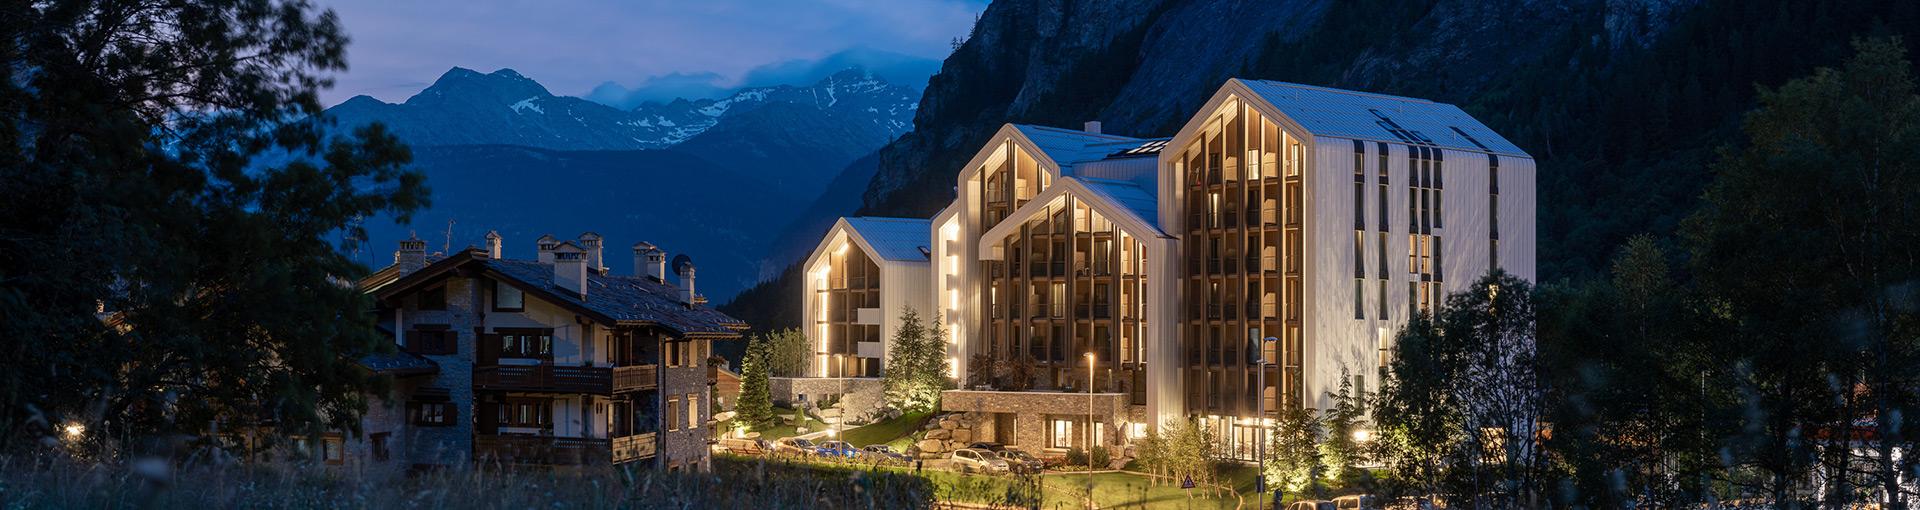 hotel_courmayeur